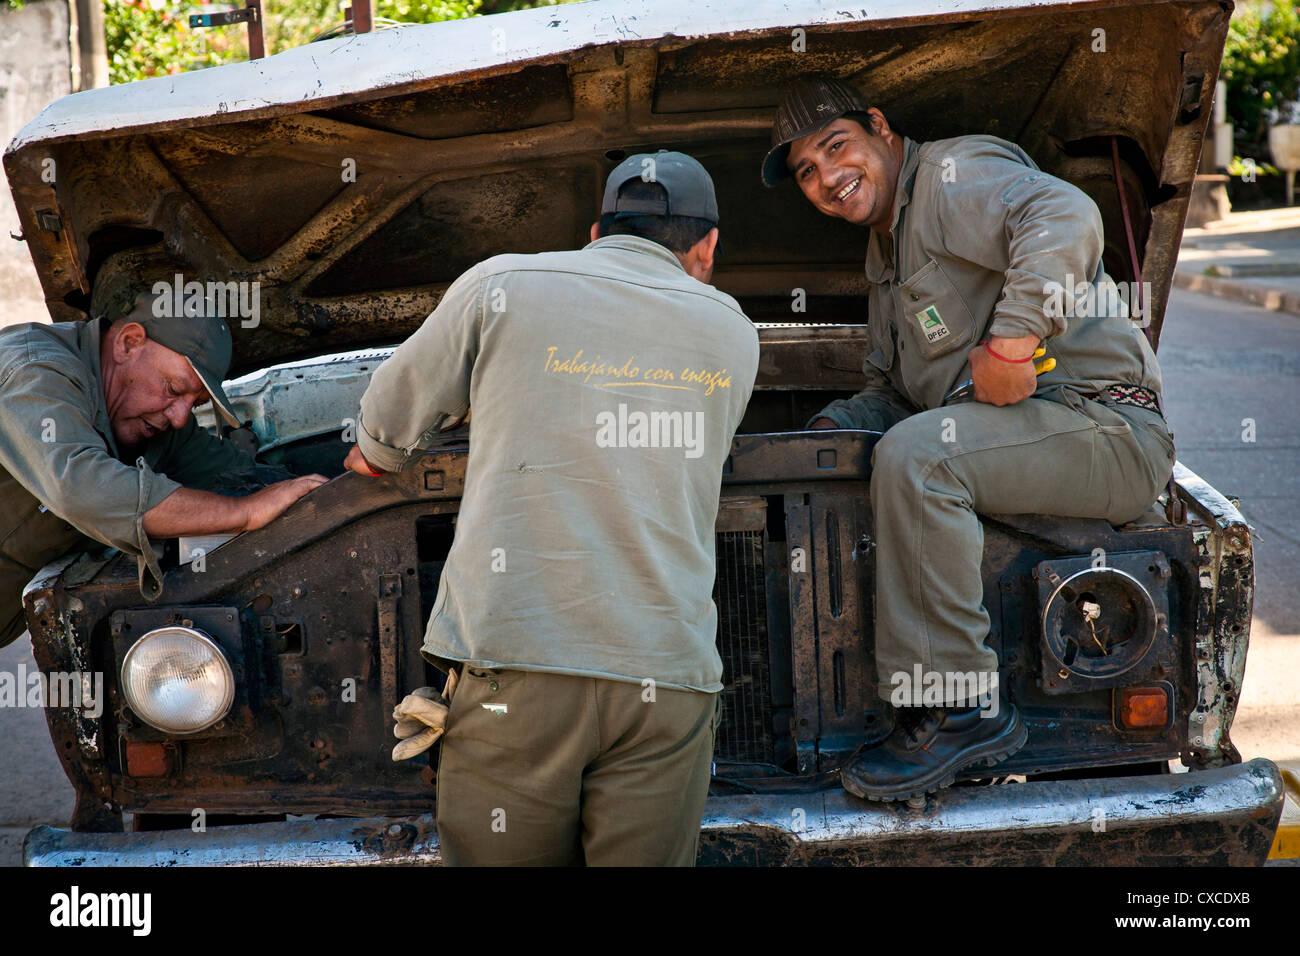 Meccanica auto, Mercedes, provincia di Corrientes, Argentina. Immagini Stock